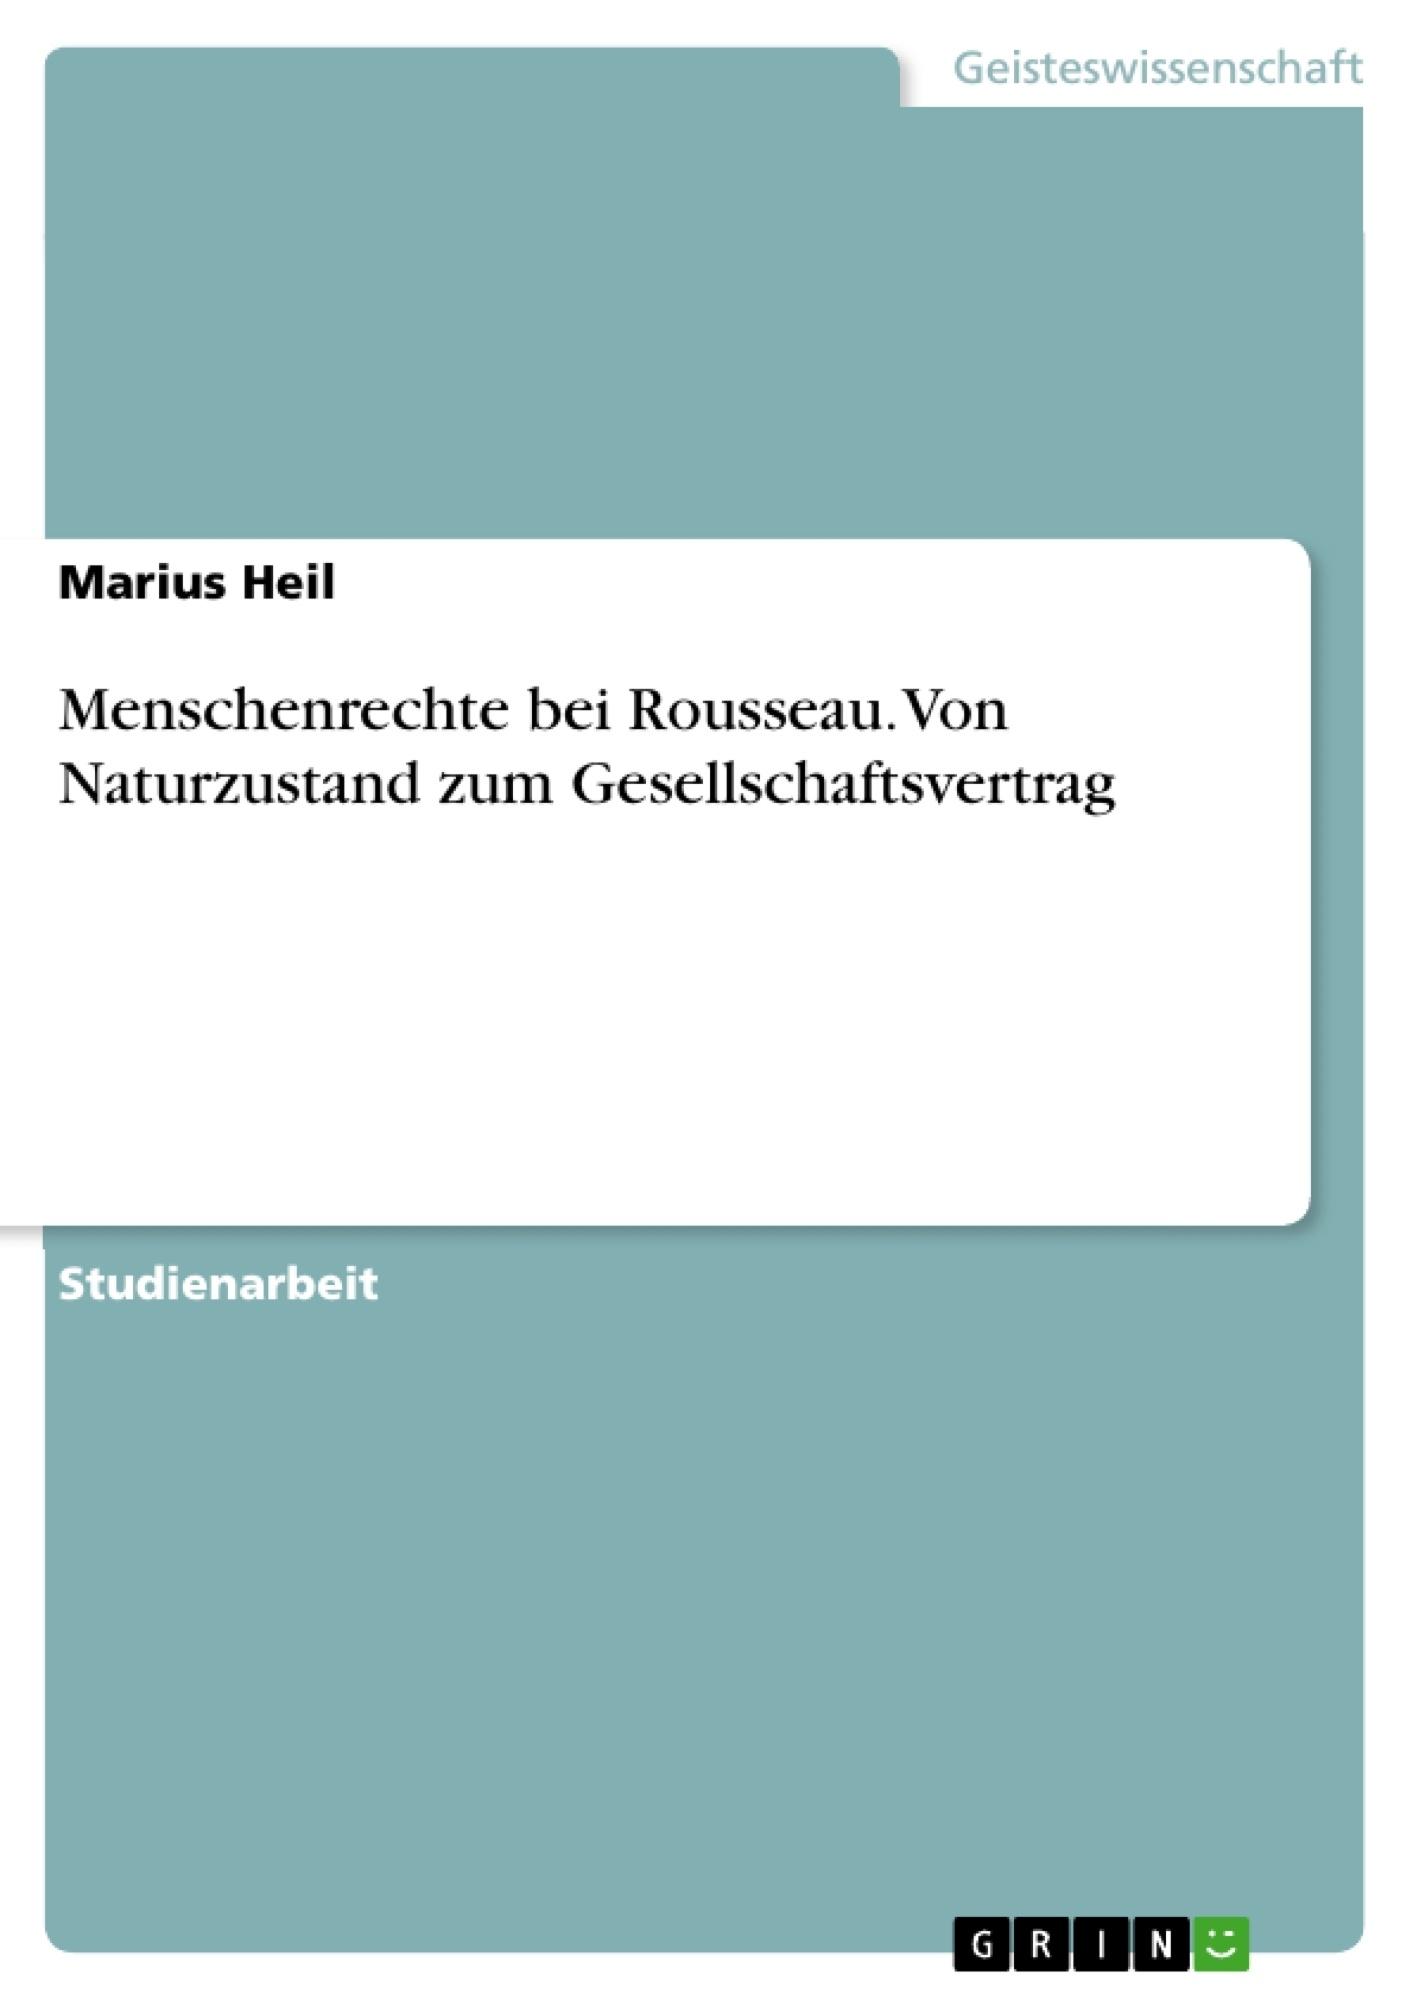 Titel: Menschenrechte bei Rousseau. Von Naturzustand zum Gesellschaftsvertrag